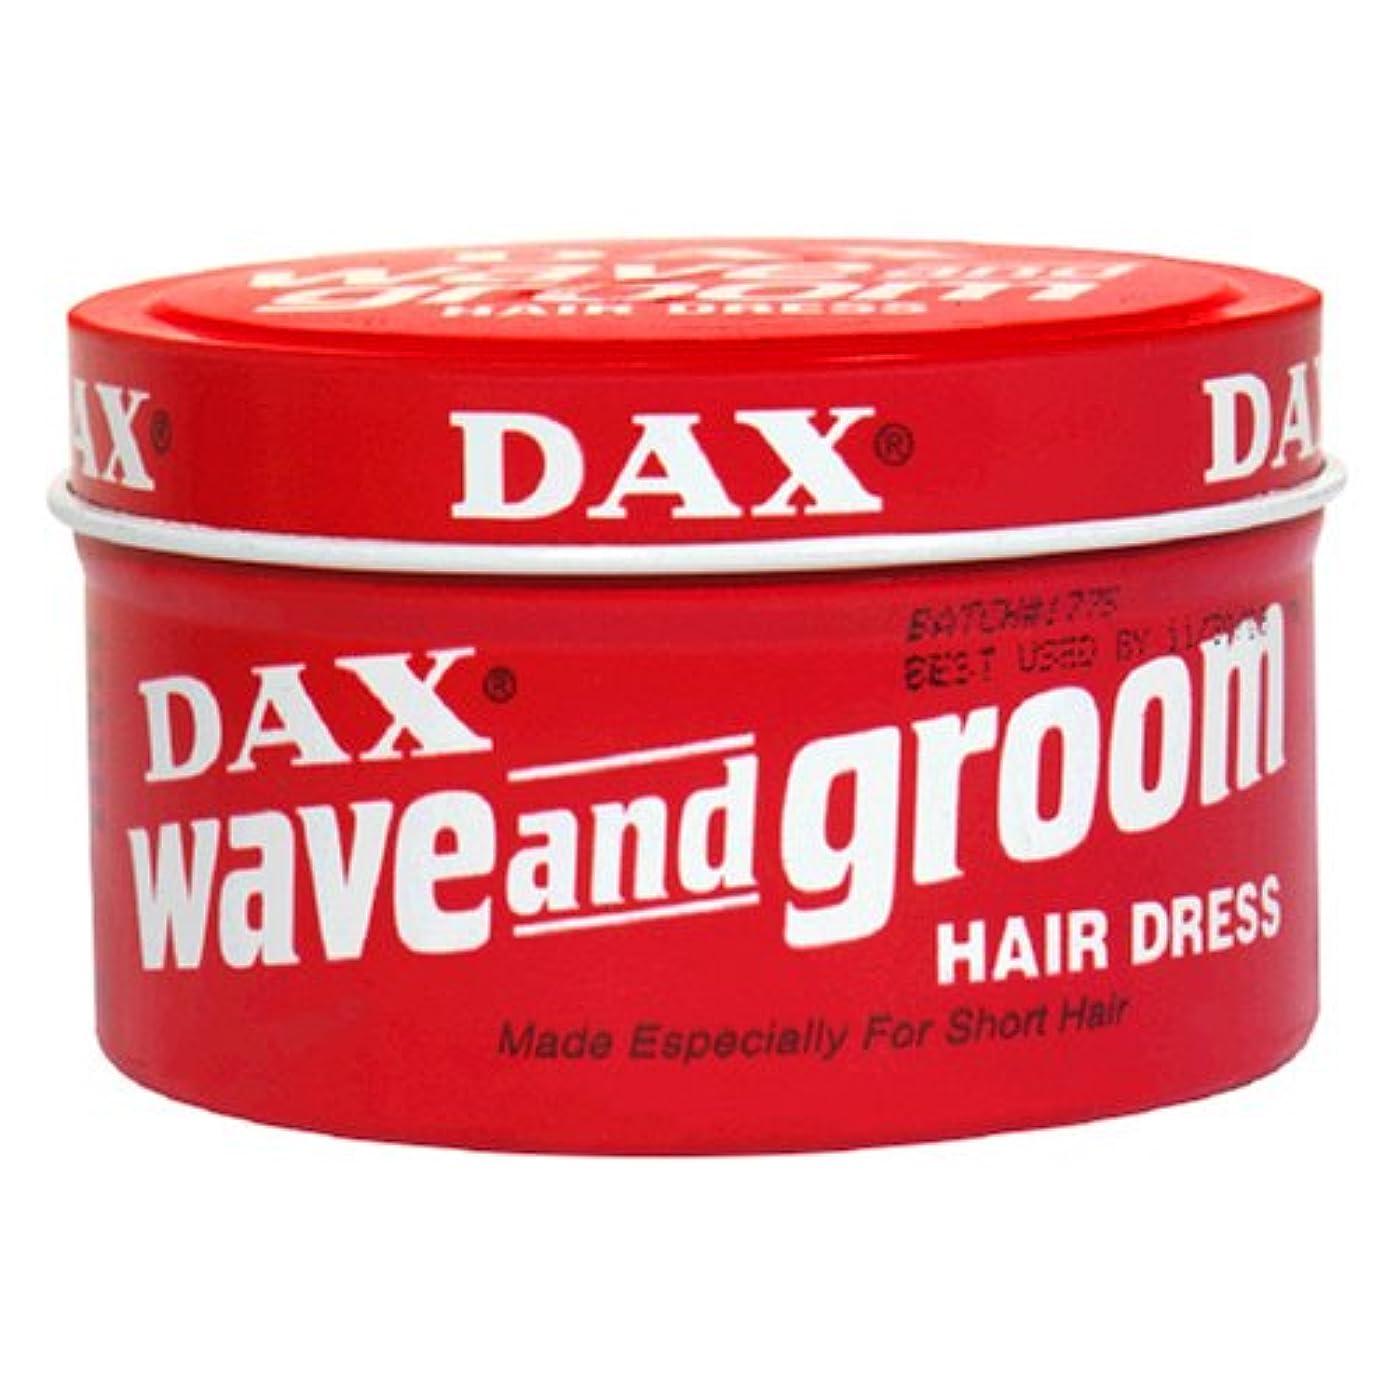 モスク高層ビル黄ばむDax Wave & Groom Hair Dress 99 gm Jar (Case of 6) (並行輸入品)